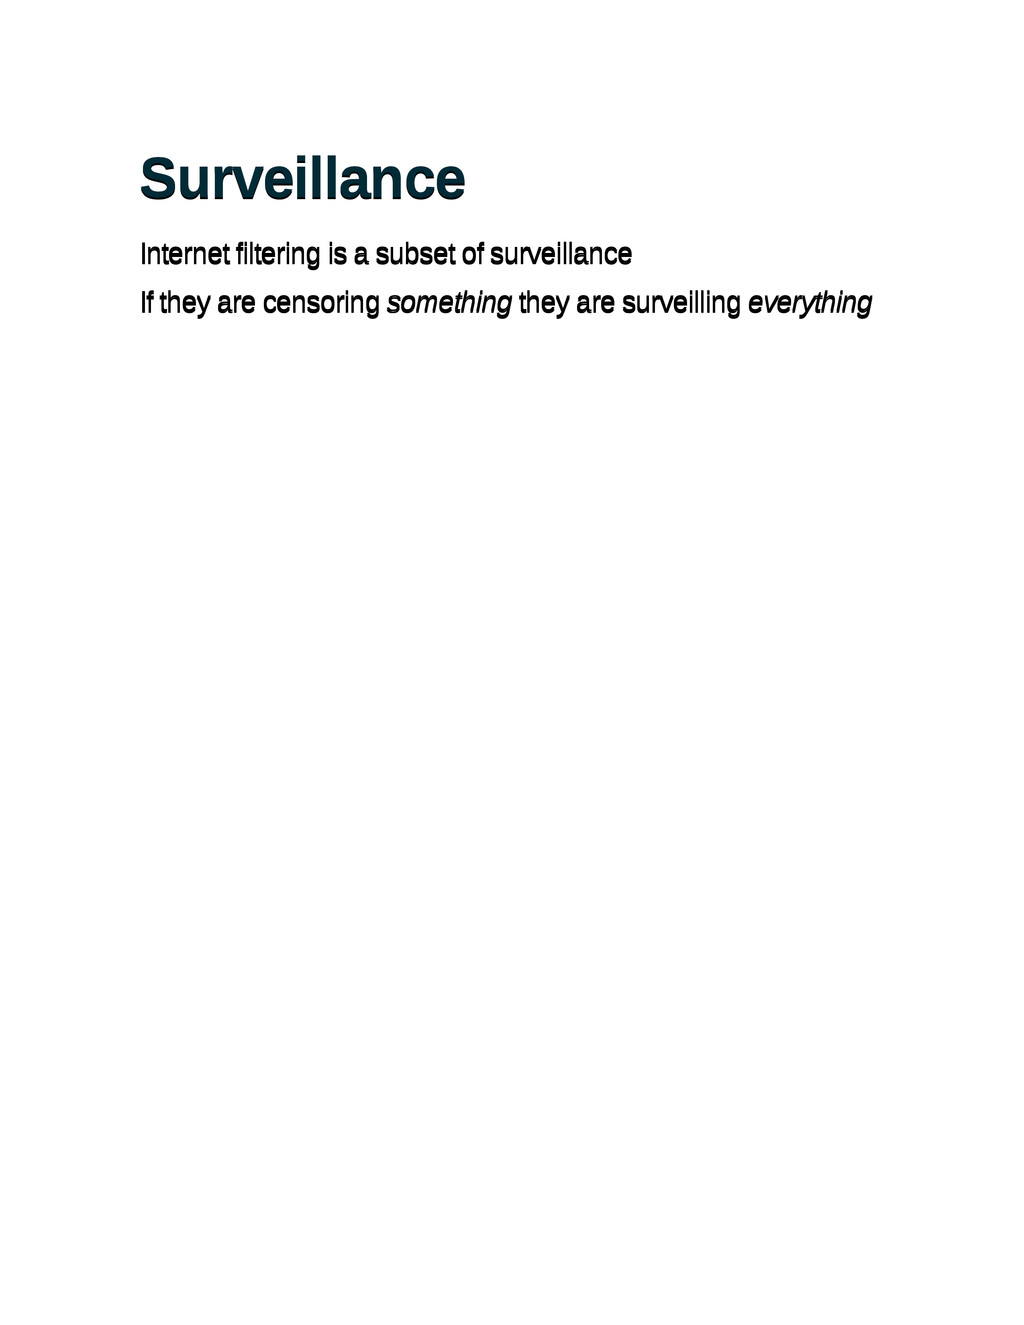 Surveillance Surveillance Internet filtering is...